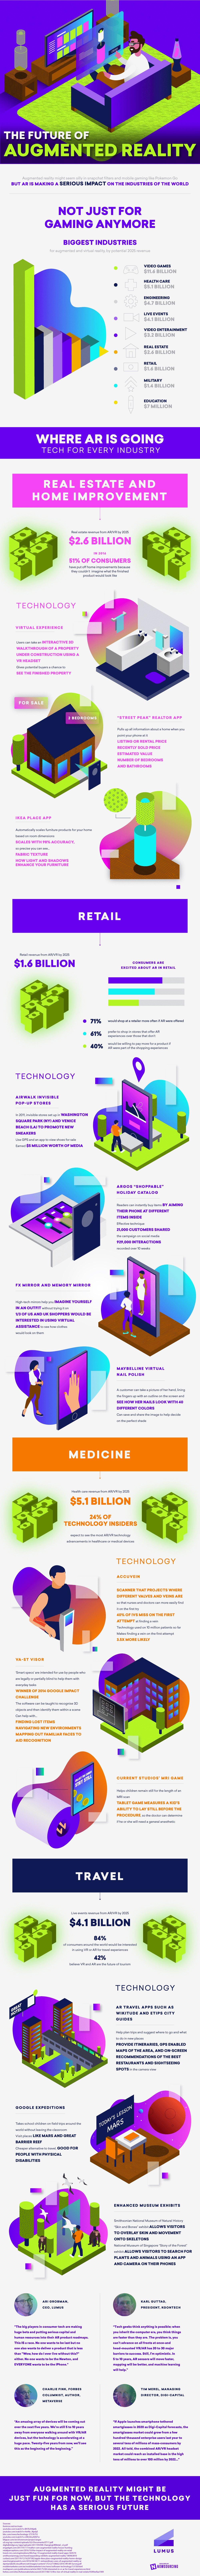 De toekomst over augmented reality